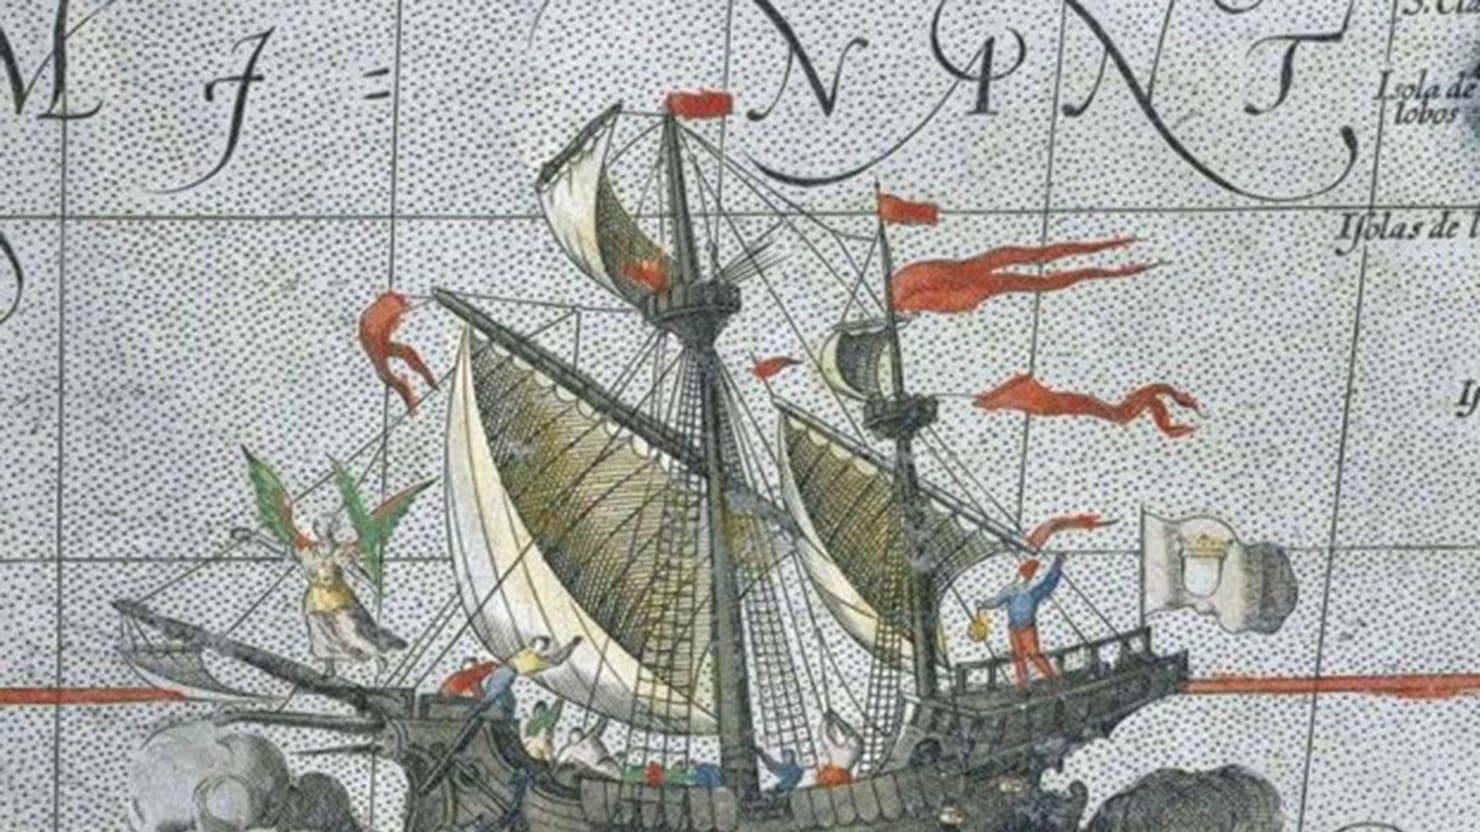 The $2.6 Billion Treasure Still Lost at the Bottom of the Sea